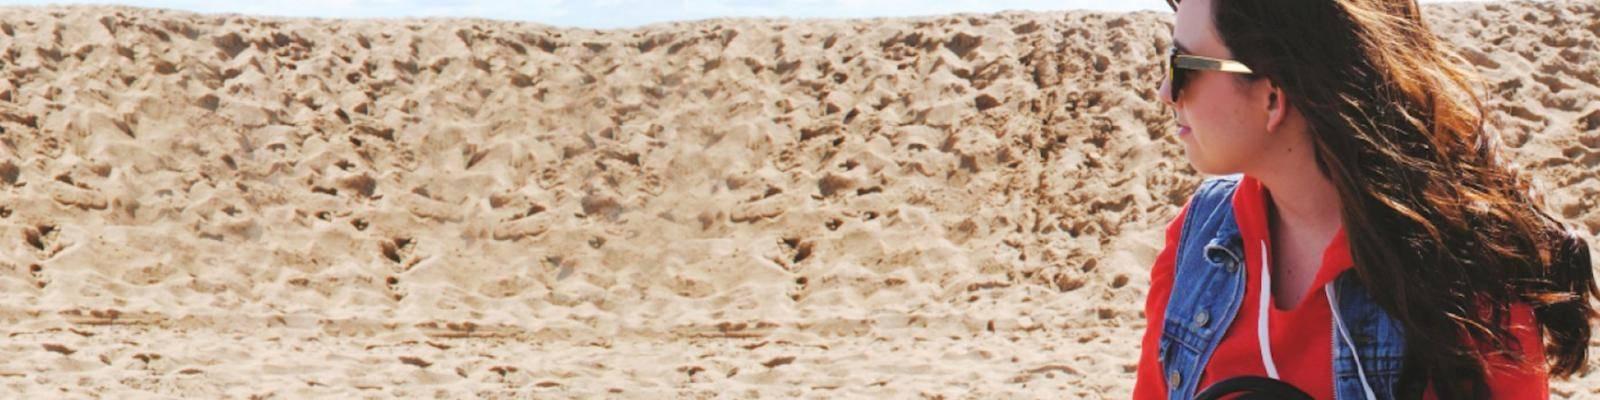 Meisje met zonnebril in zand